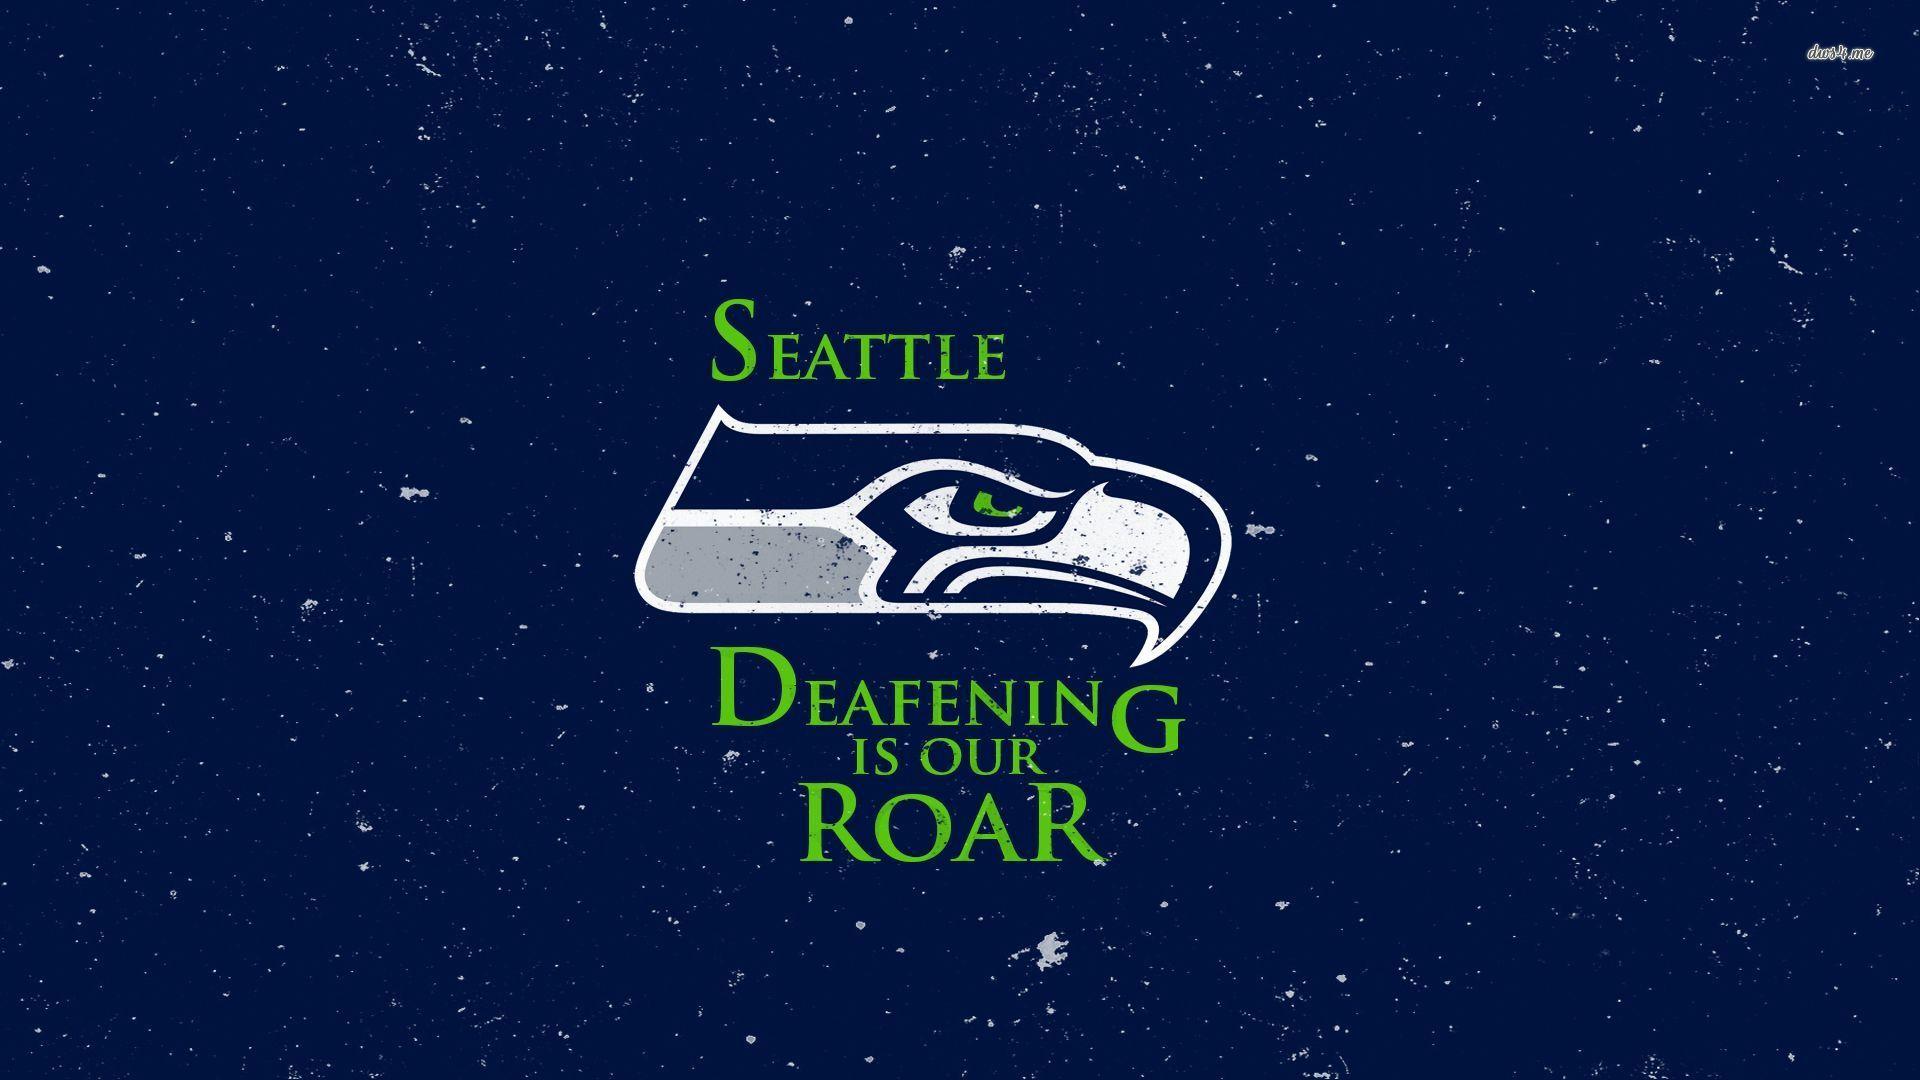 Seattle Seahawks wallpaper 1280x800 Seattle Seahawks wallpaper 1920x1080